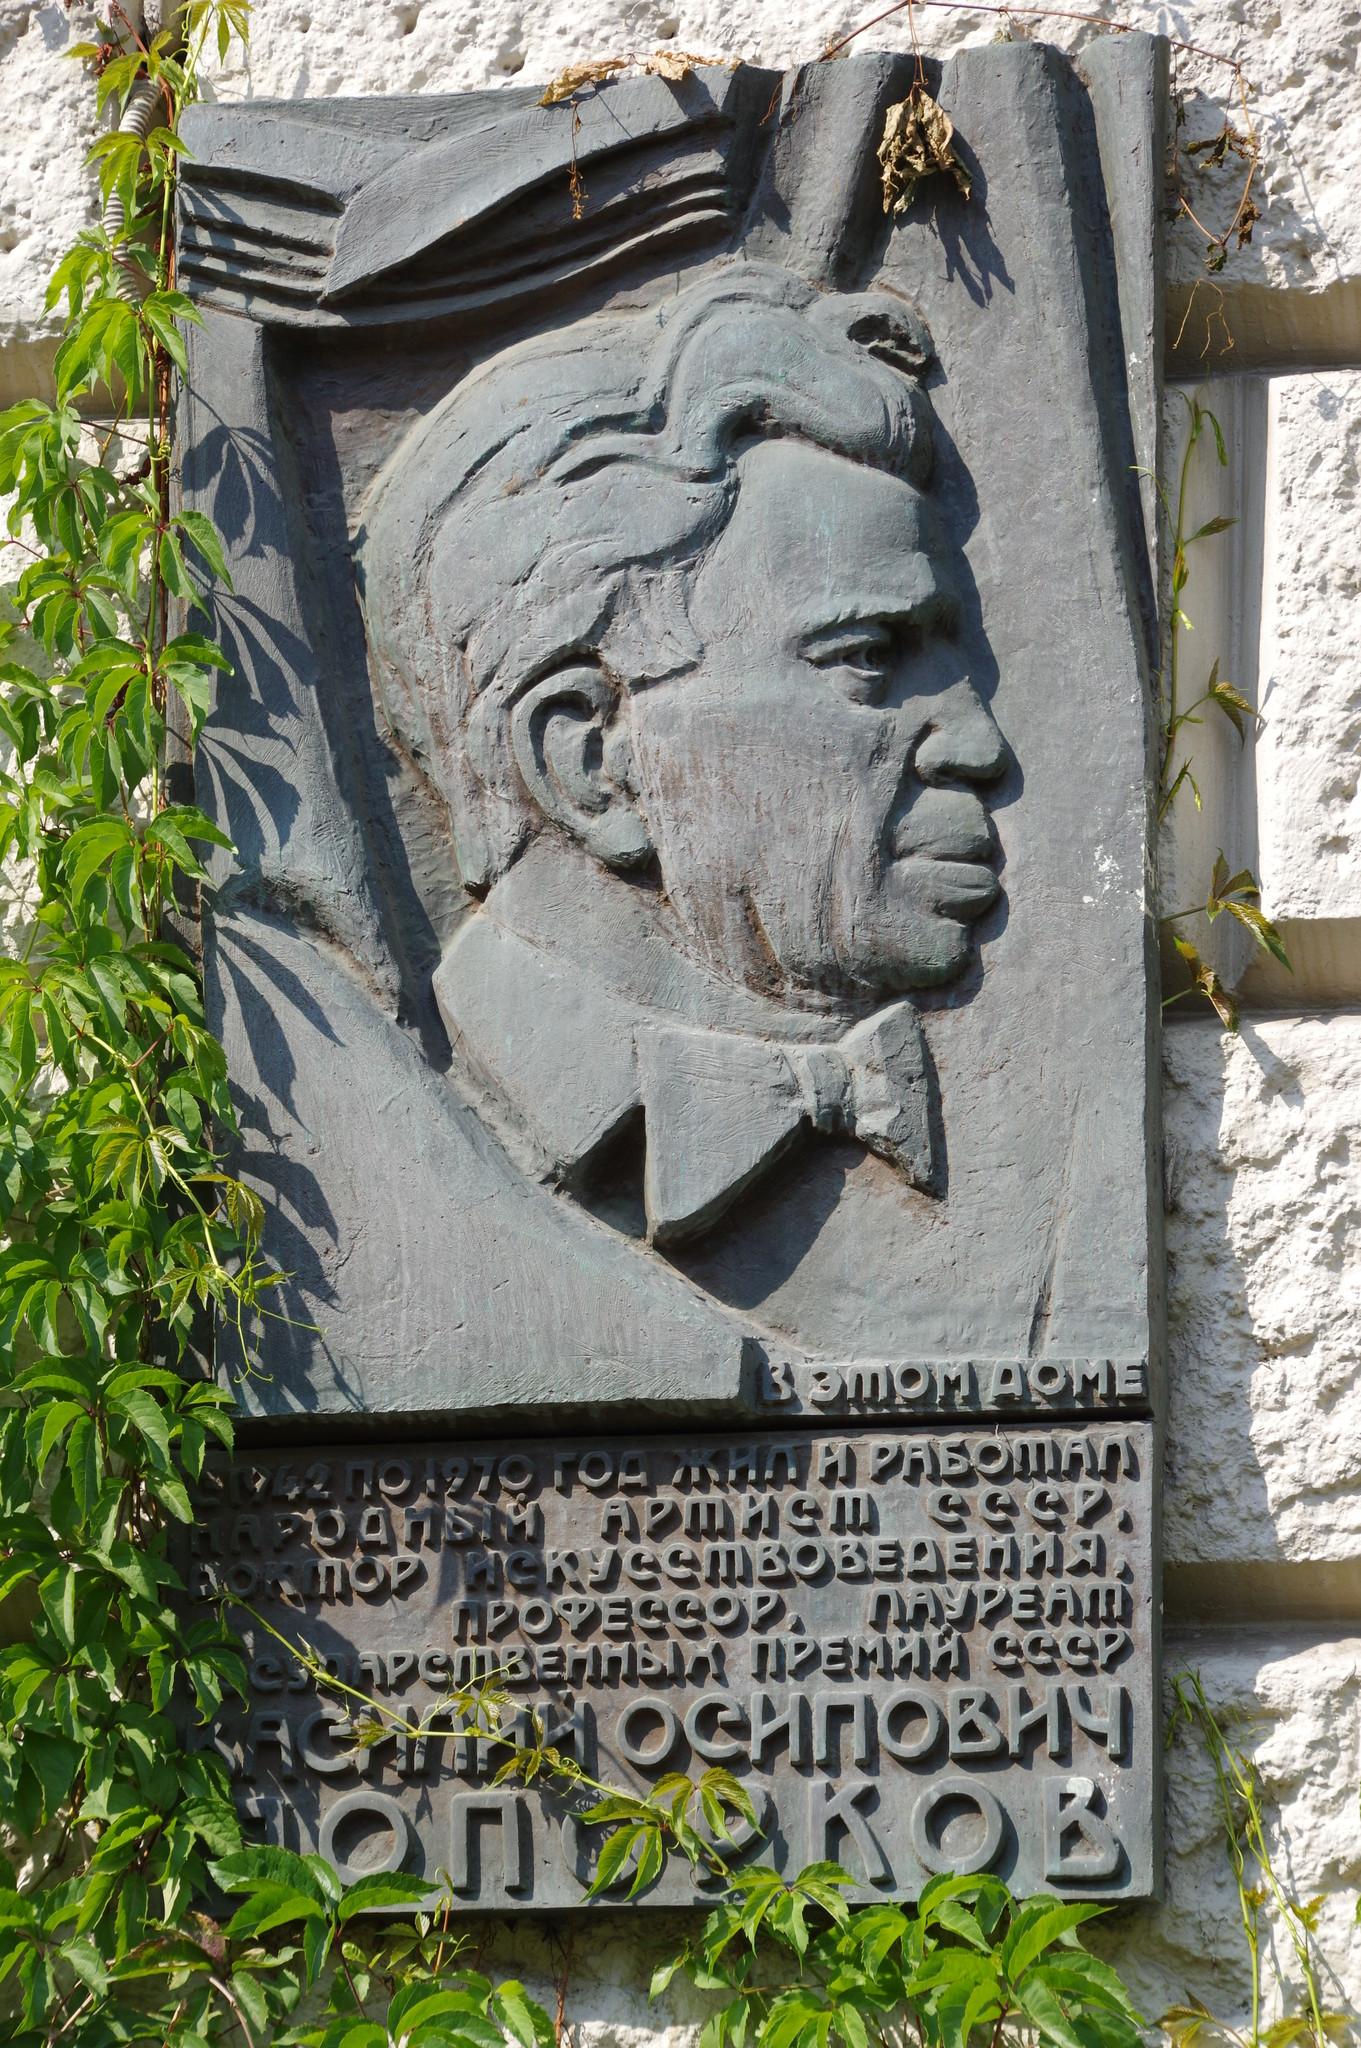 Мемориальная доска на доме 5/7 в Глинищевском переулке, где с 1942 по 1970 год жил Василий Осипович Топорков